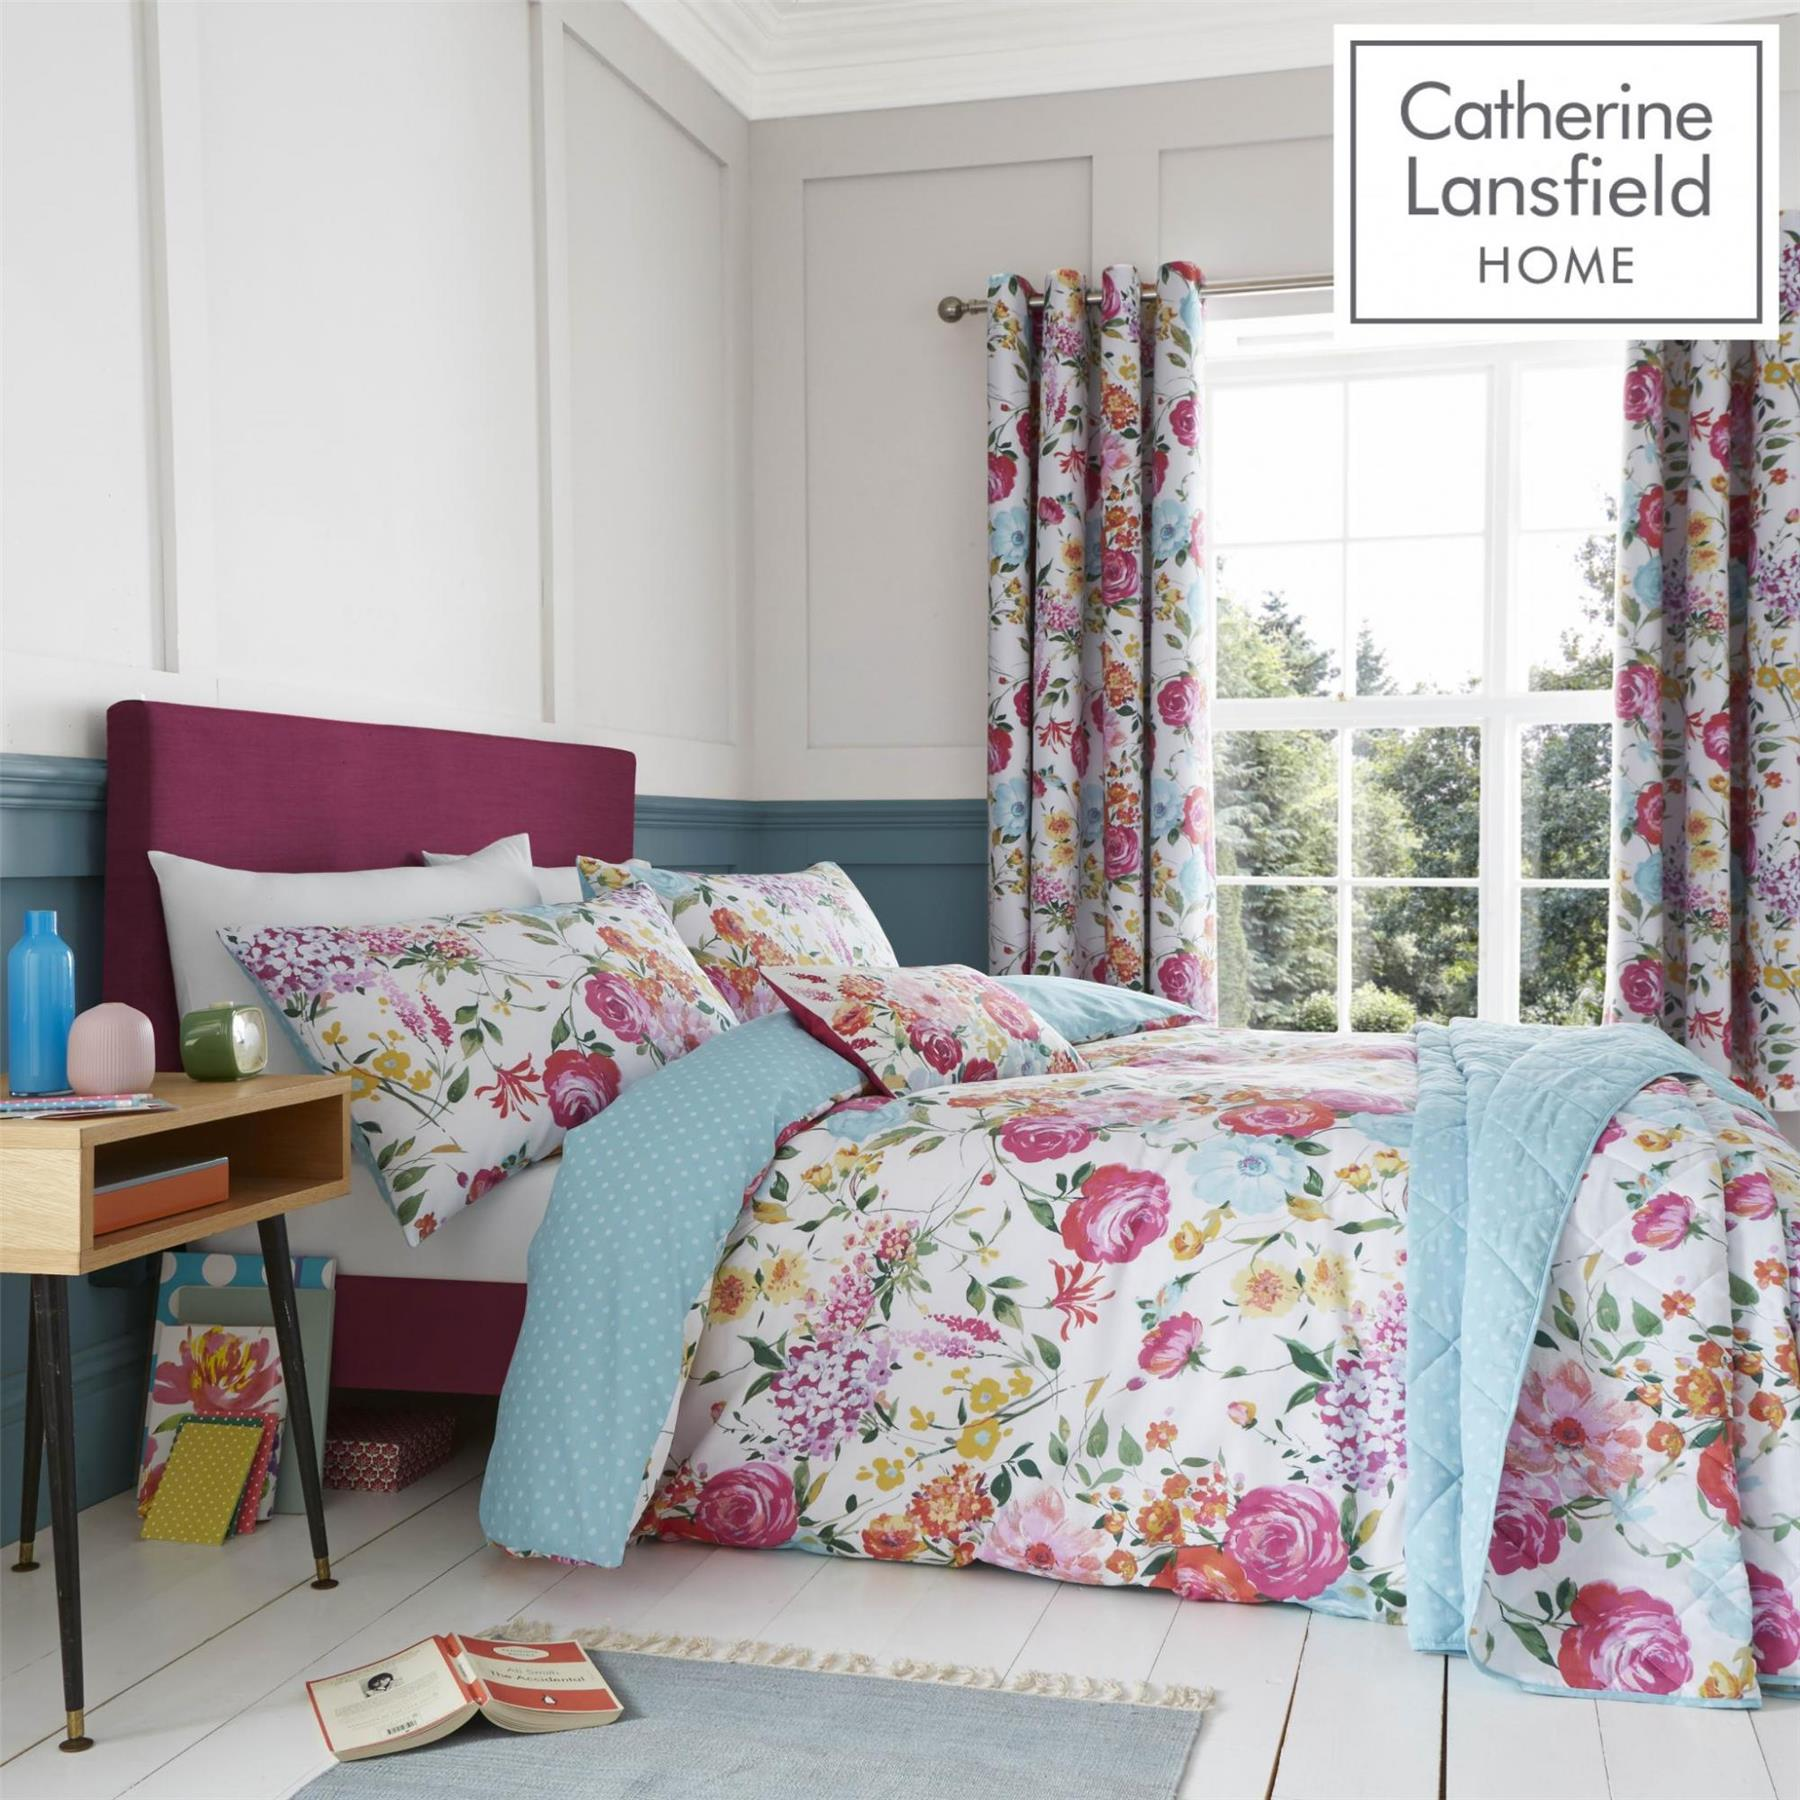 Catherine-Lansfield-biancheria-da-letto-Salisbury-Copripiumino-Set-Tende-Cuscino-Copriletto miniatura 21